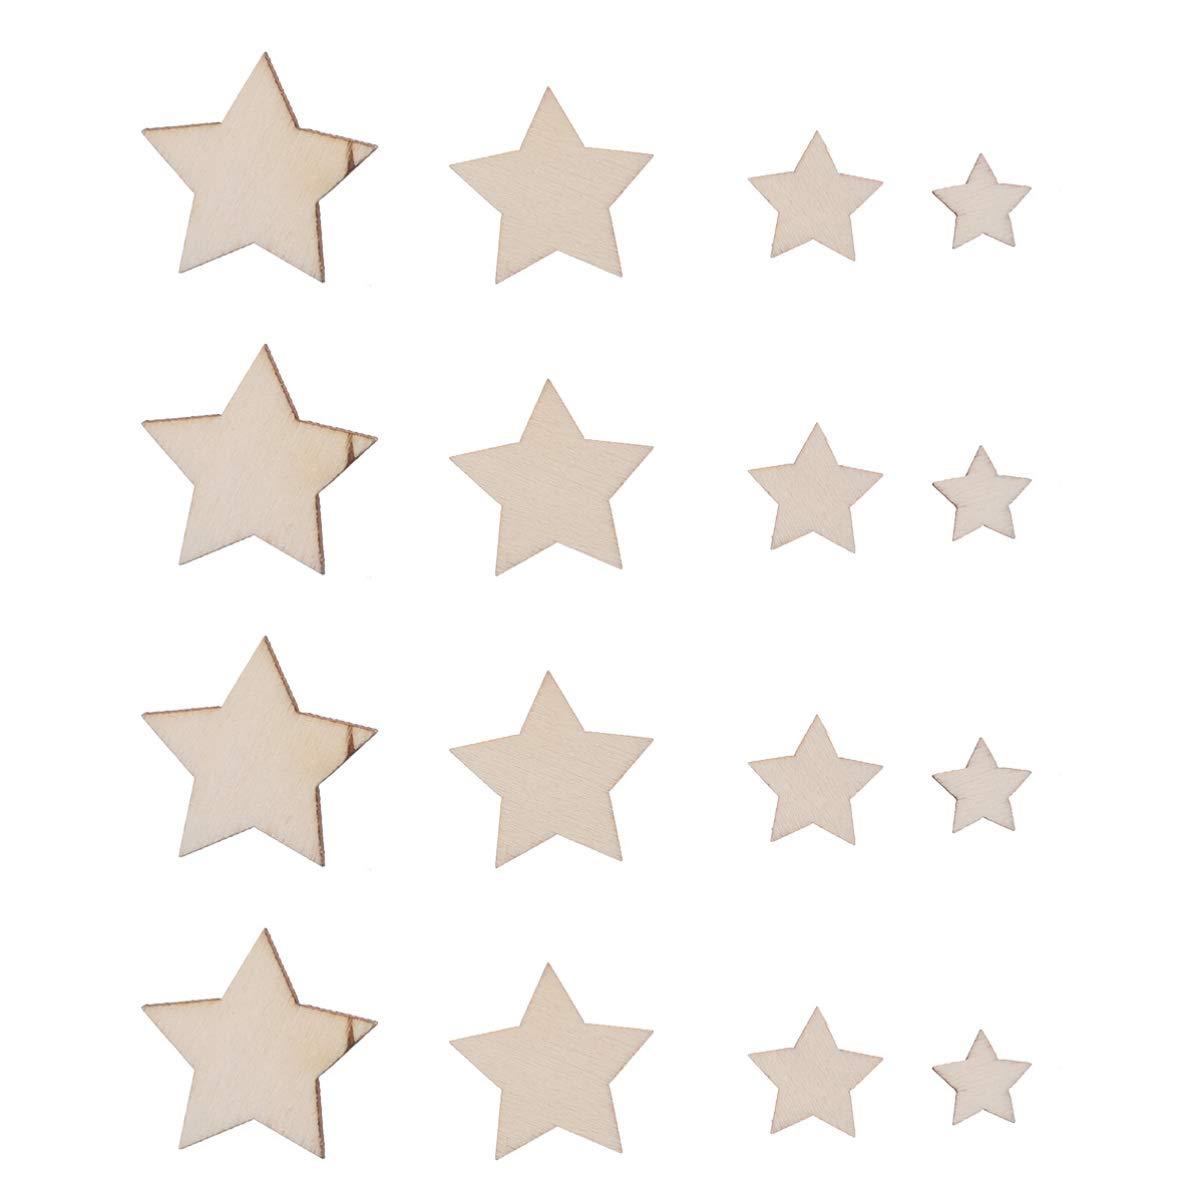 SUPVOX 100 Piezas Bolas de Madera Semi Redondas Madera sin Terminar para Pintar Manualidad Artesan/ía de Adornos de Navidad 15mm